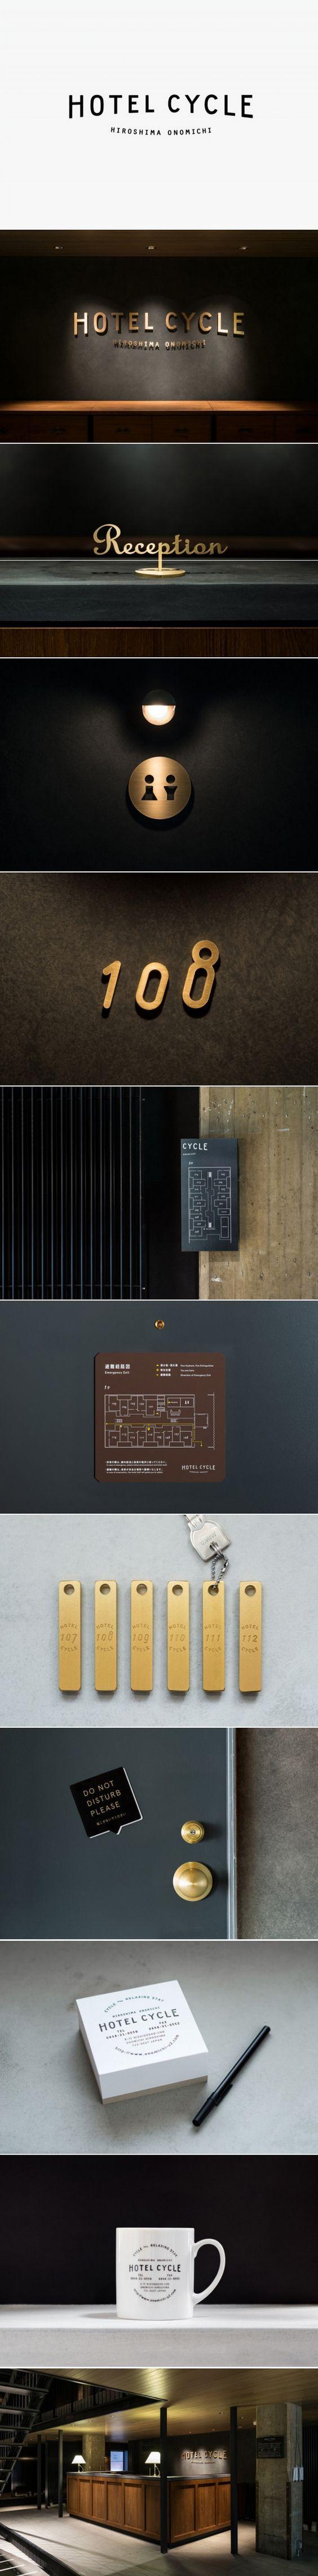 Logotype and interior signage designed by UMA for U2's Onomichi based Hotel Cycle: